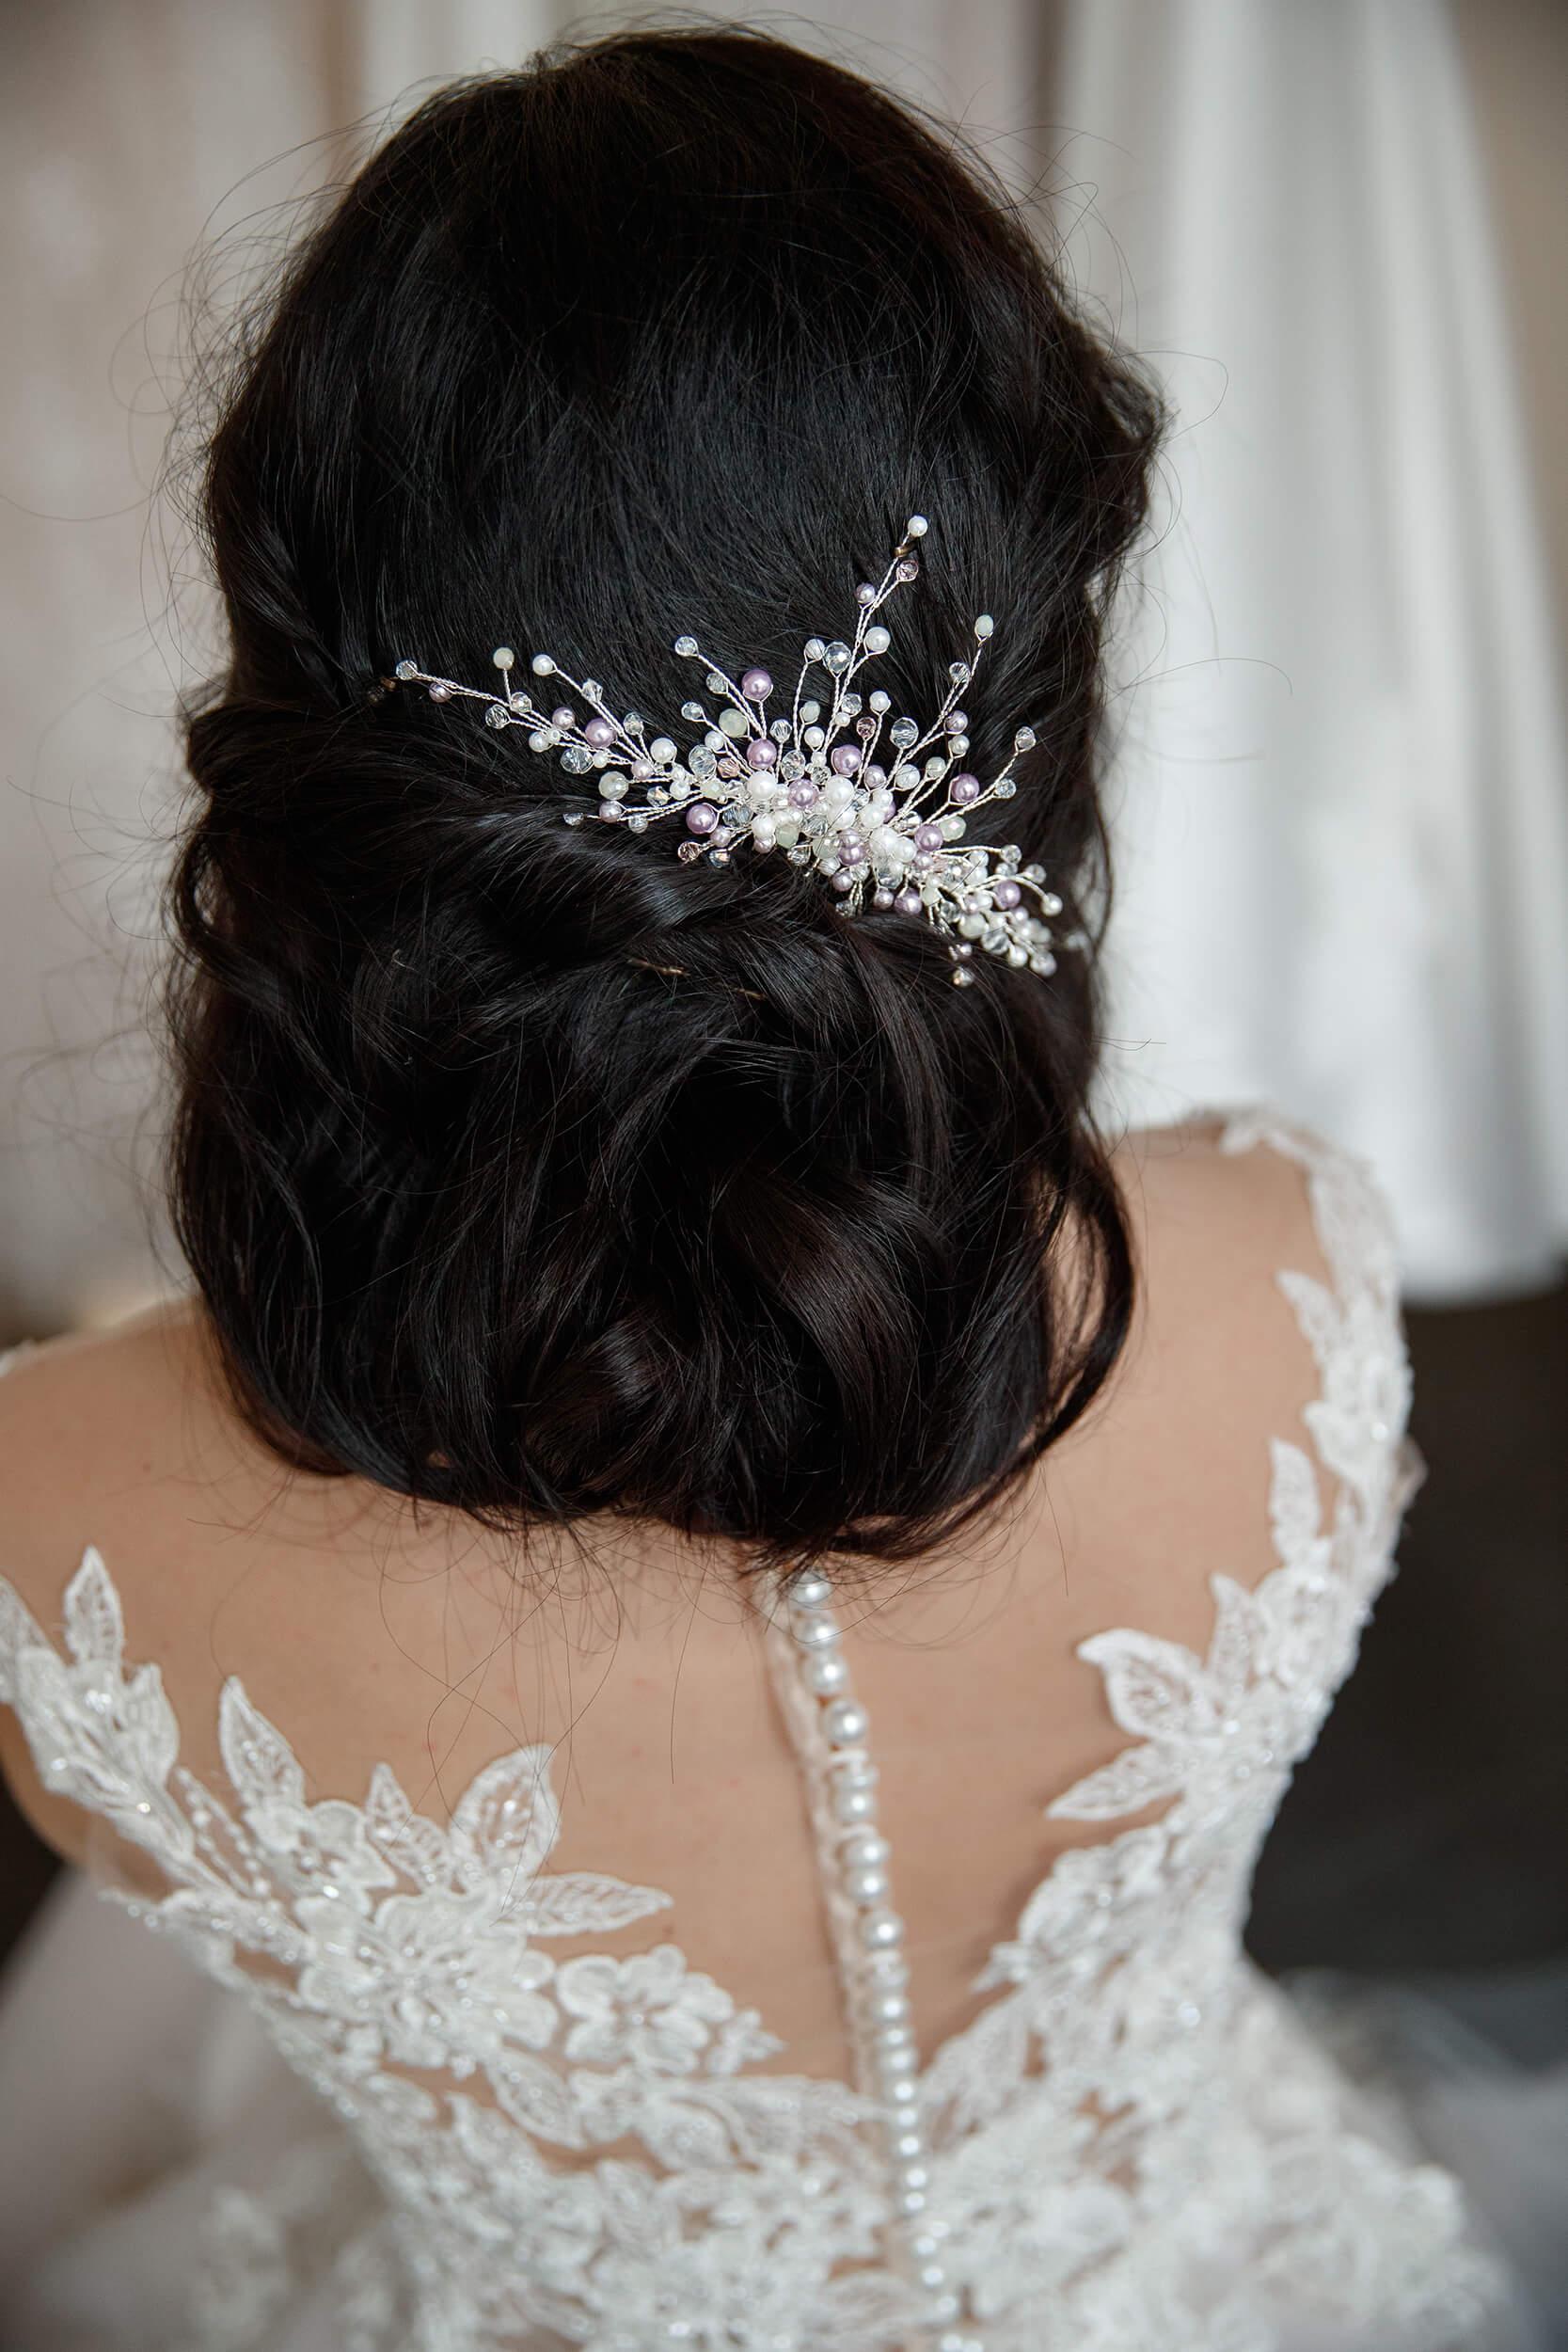 украшения для волос из проволоки(3) | Vero